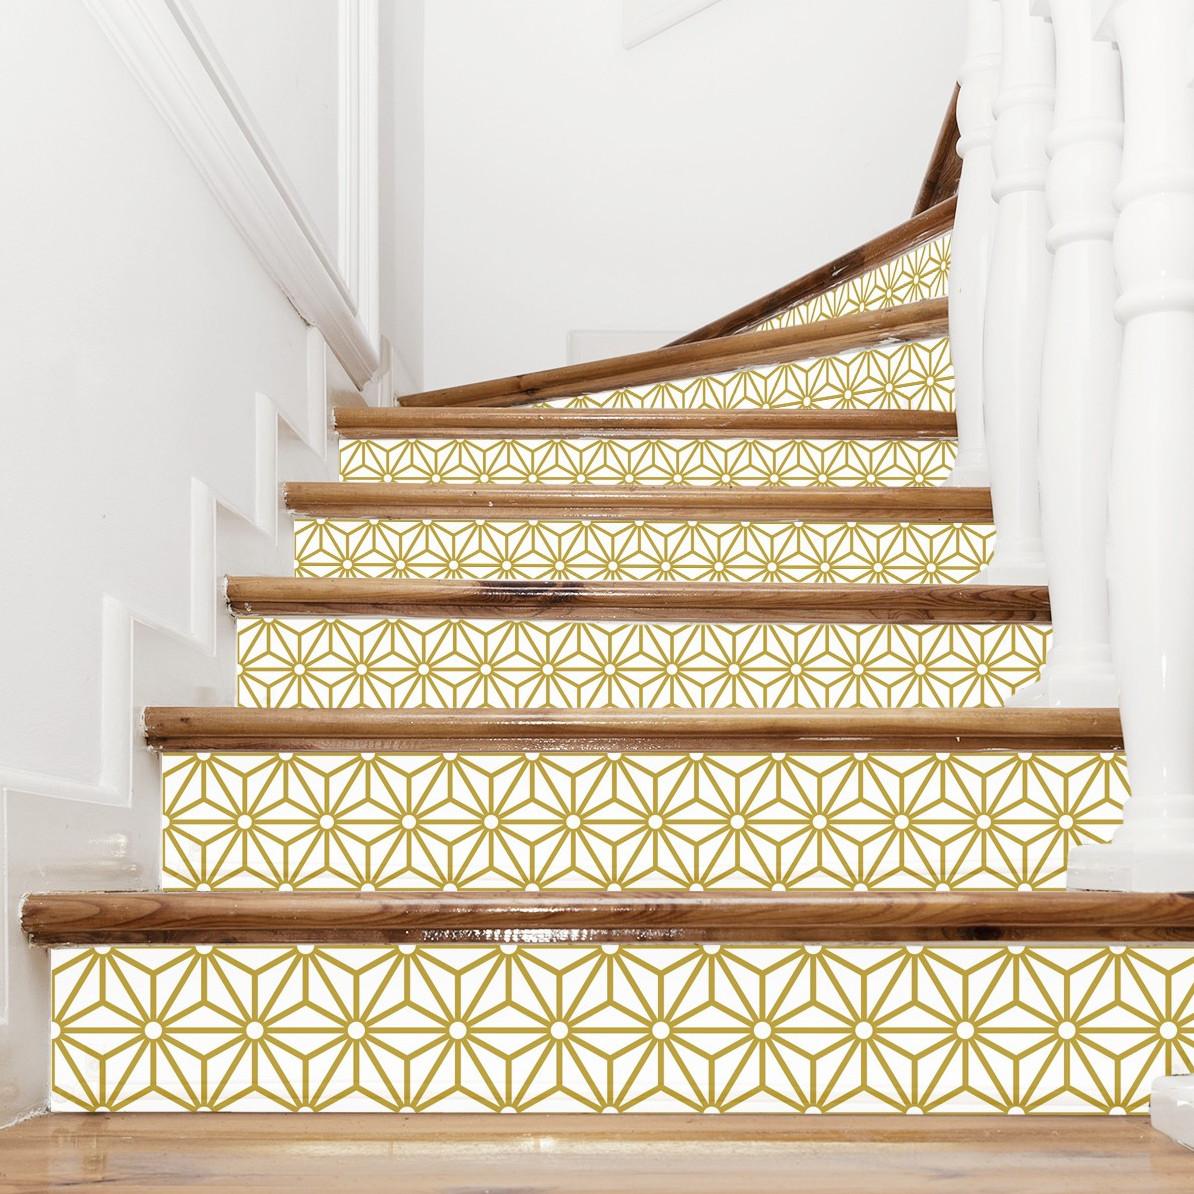 escalier bois revêtement papier adhésif jaune moutarde effet carrelage déco lumineuse